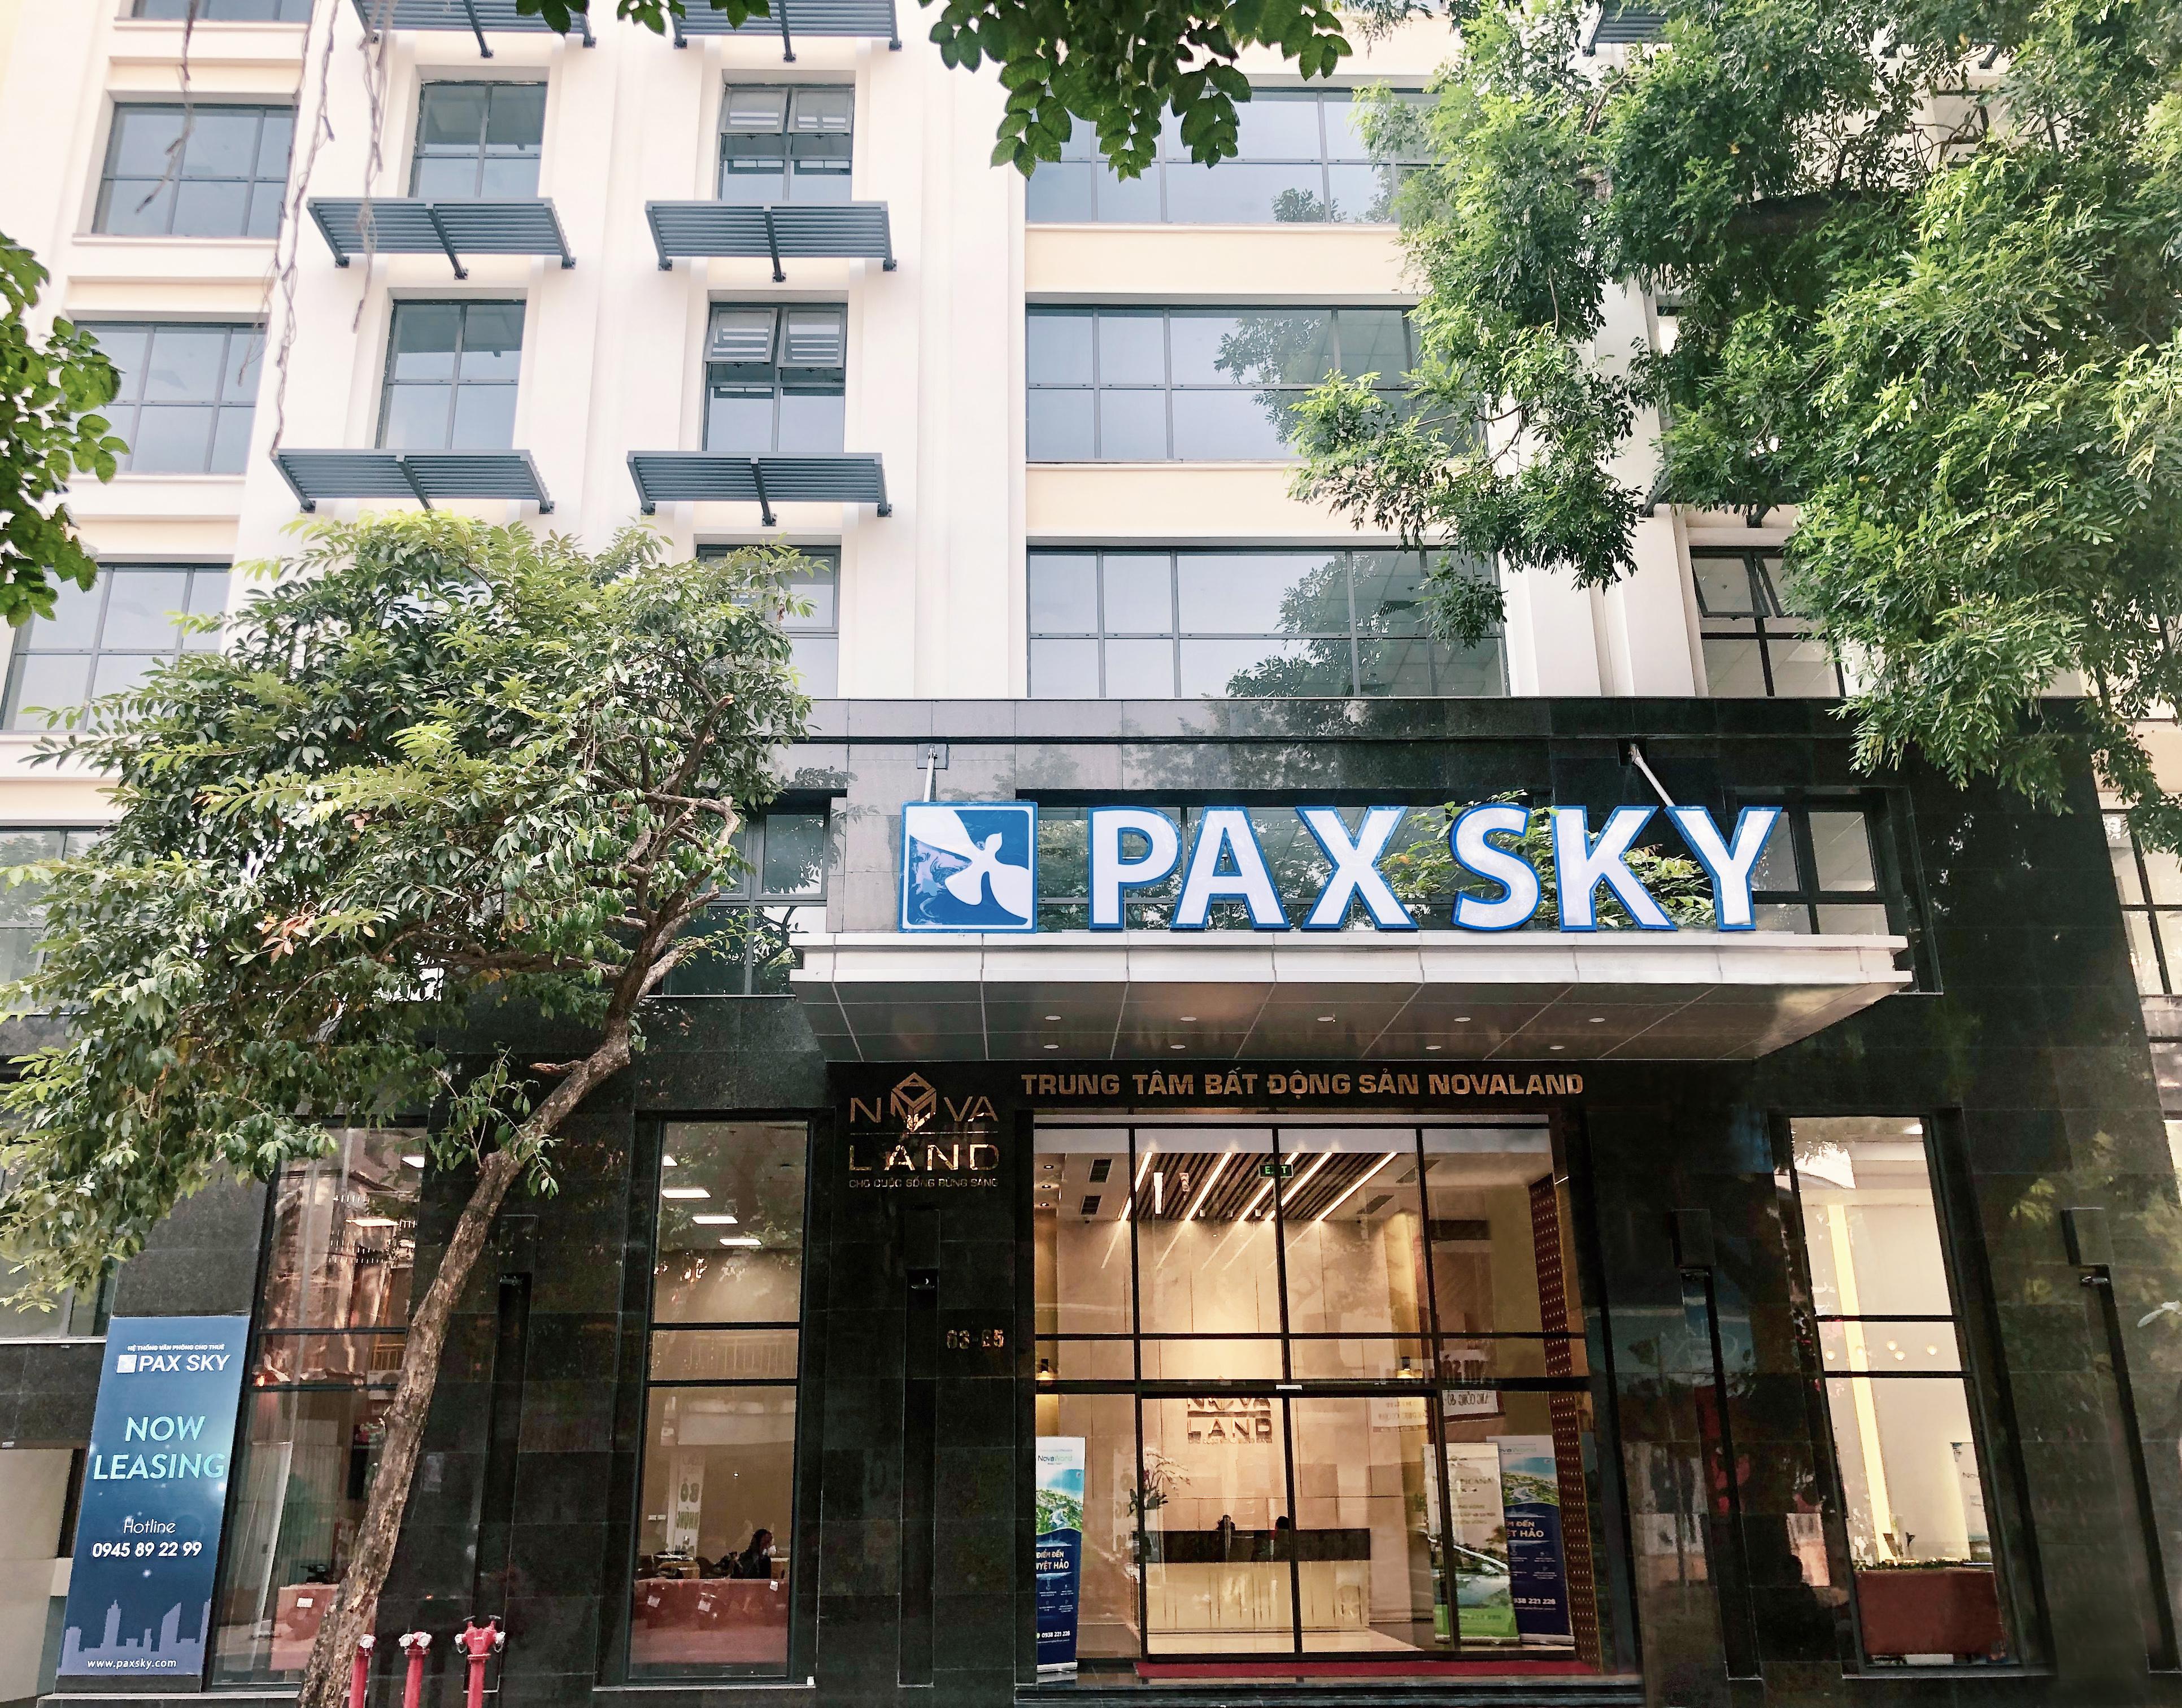 Ra mắt hệ thống văn phòng cho thuê Pax Sky tại Hà Nội